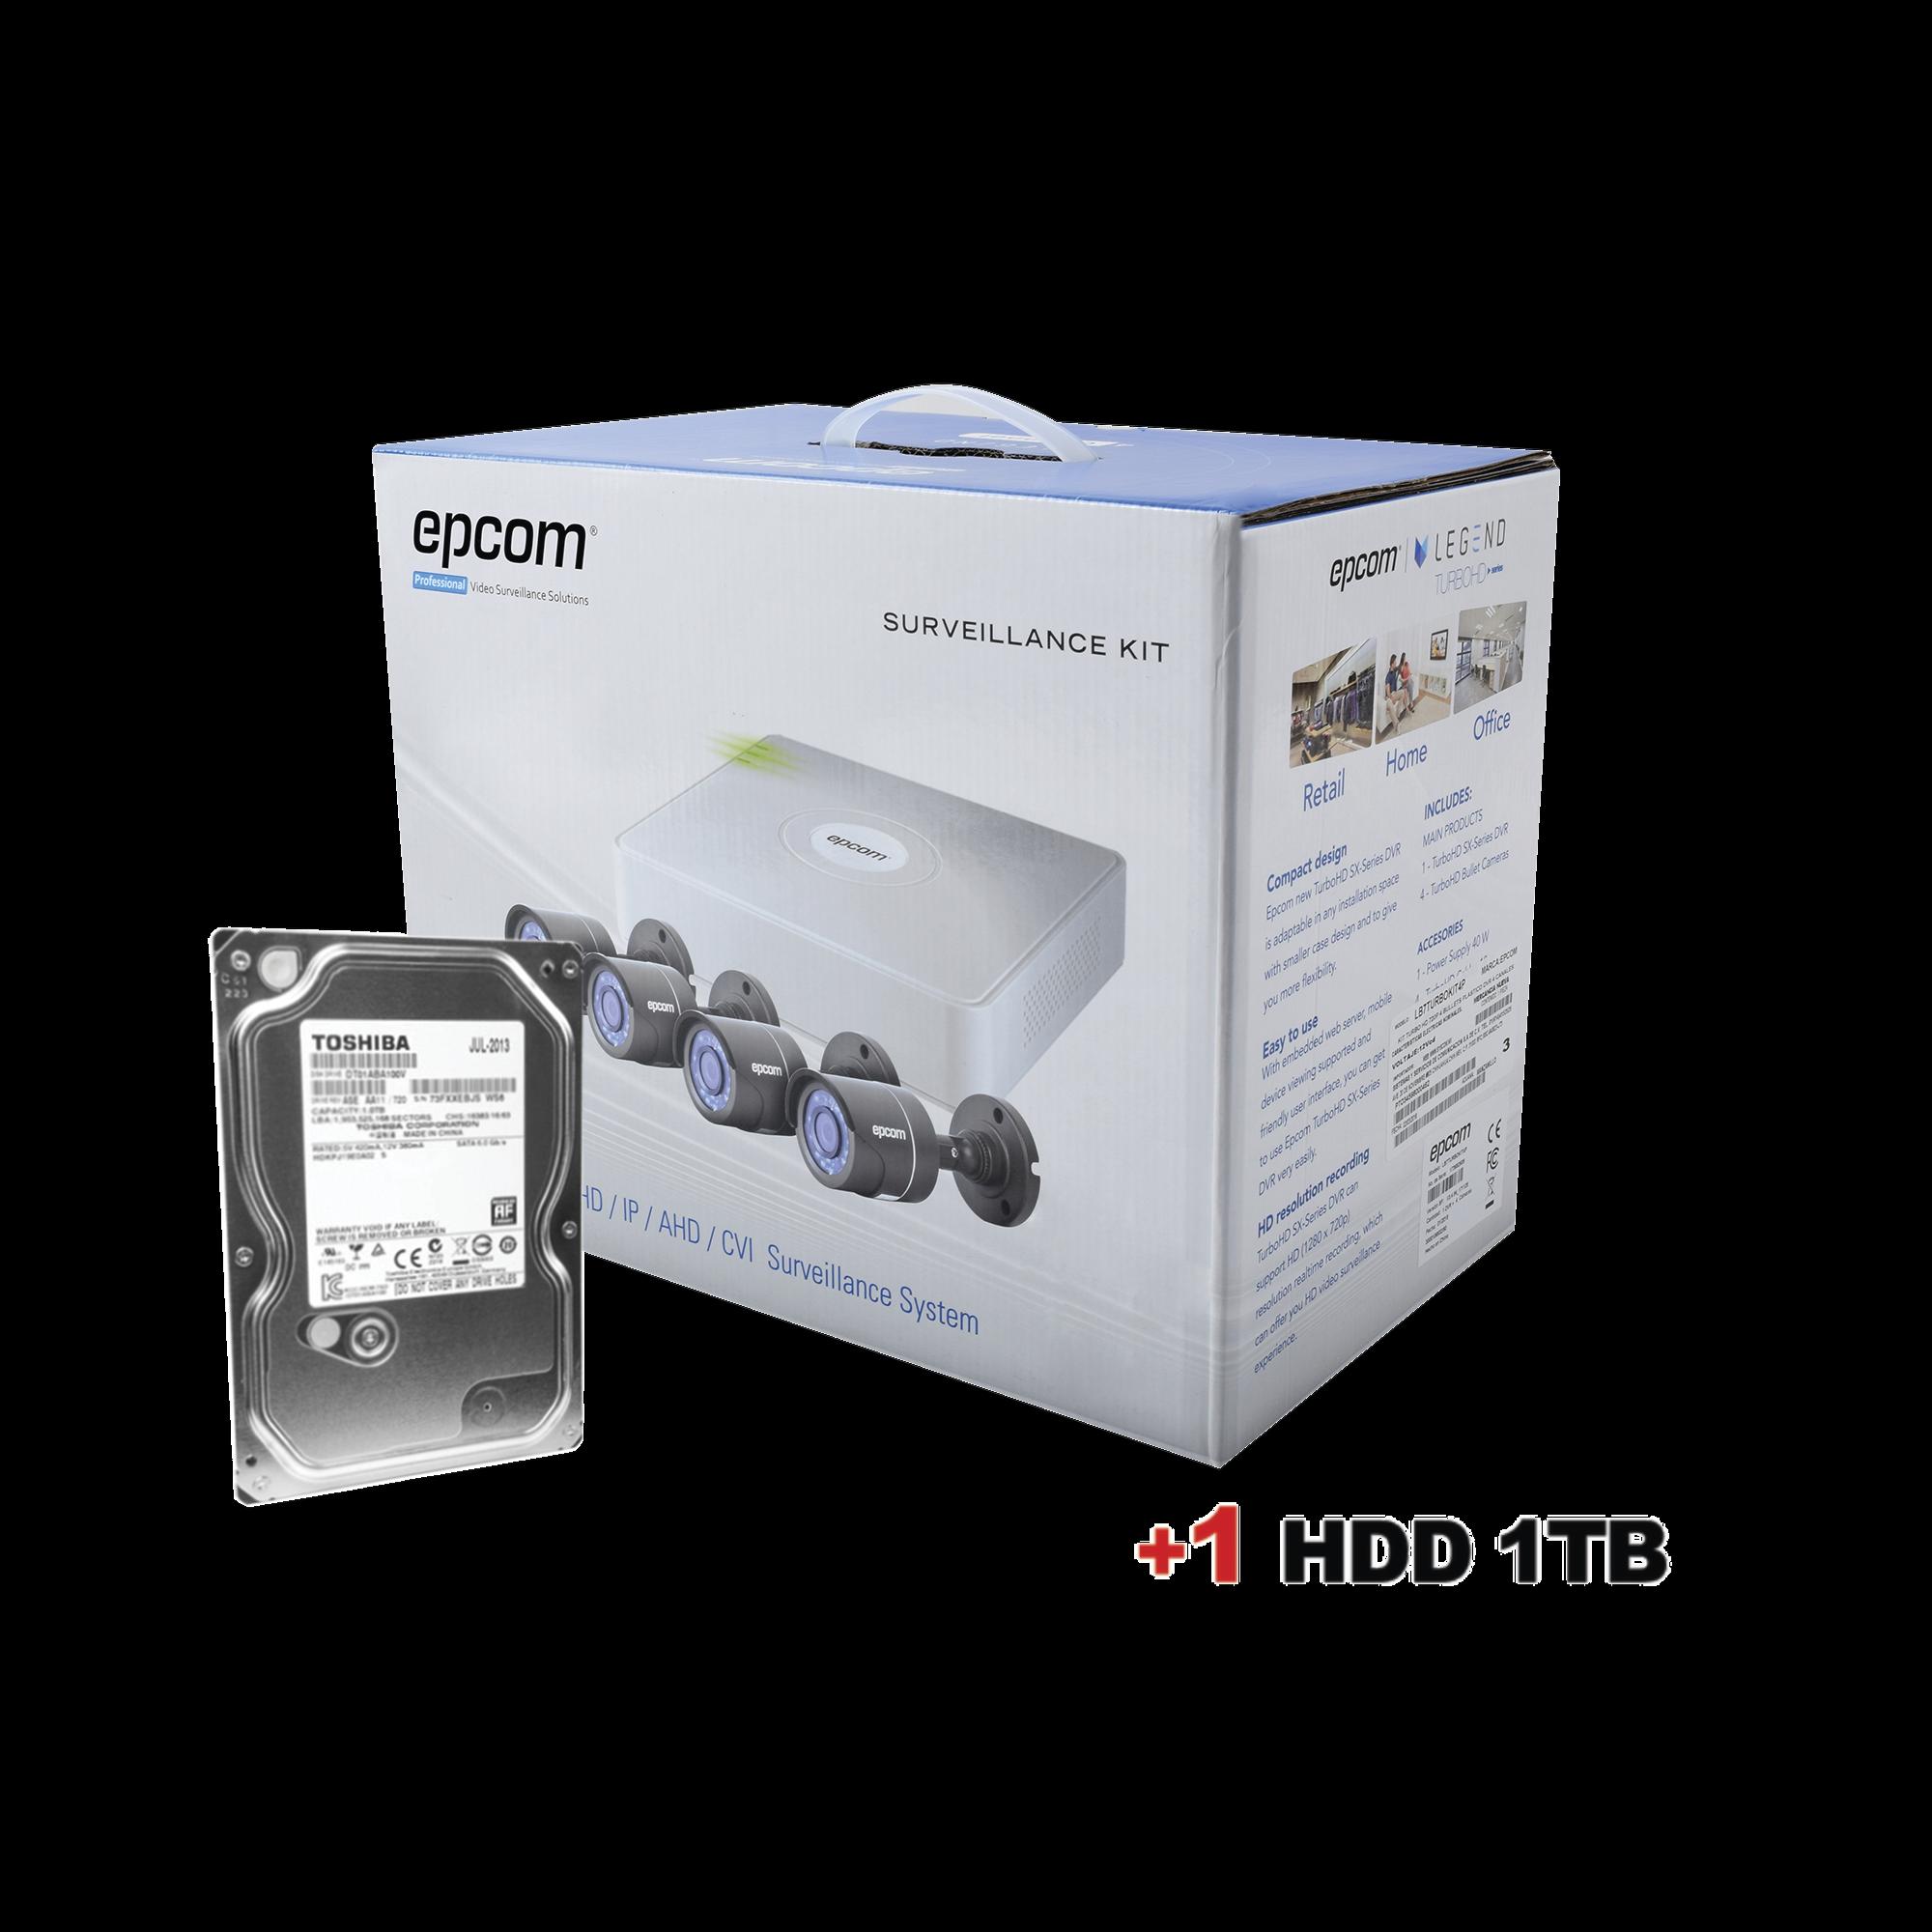 Disco duro 1 TB + Sistema Completo de CCTV 720p  / Hik-Connect / DVR 4 Canales /4 Cámaras Bala / Cables / Fuente de Poder Profesional